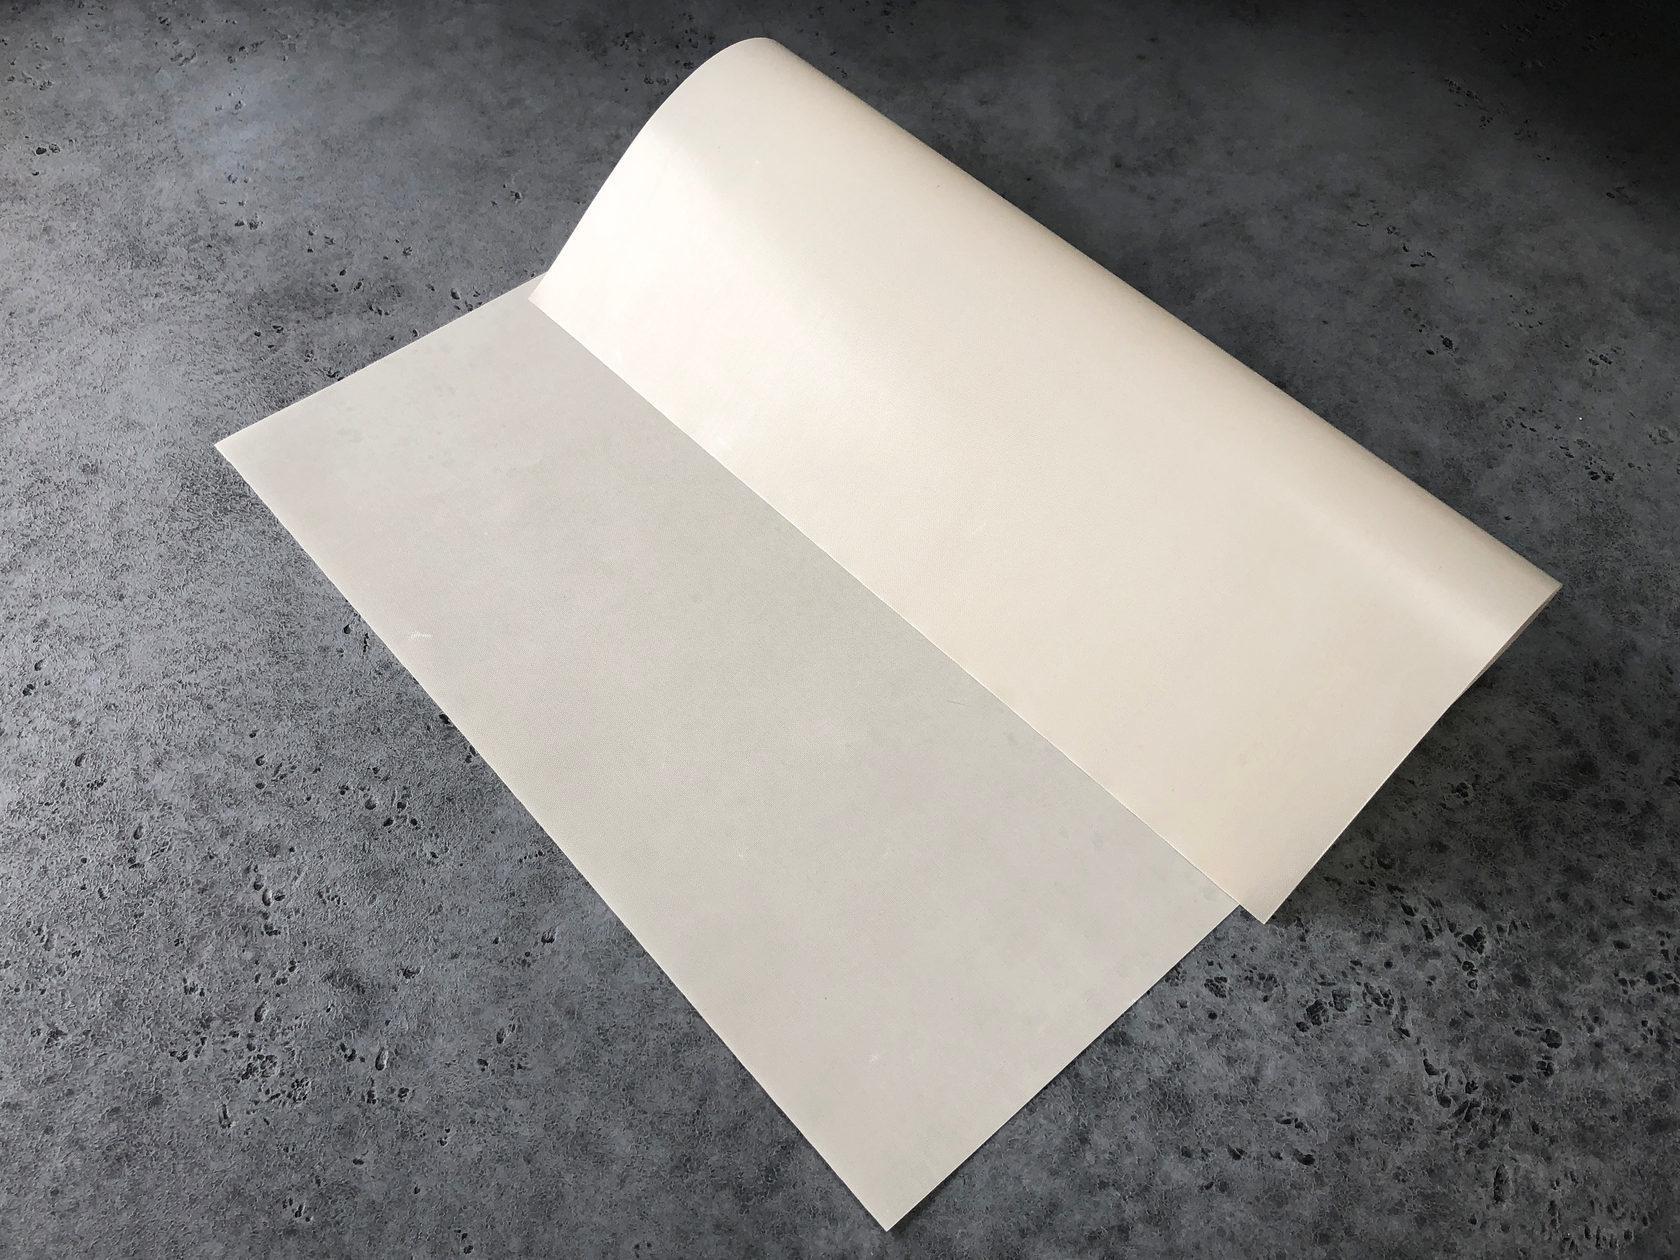 Антипригарный тефлоновый коврик, 30х40 см